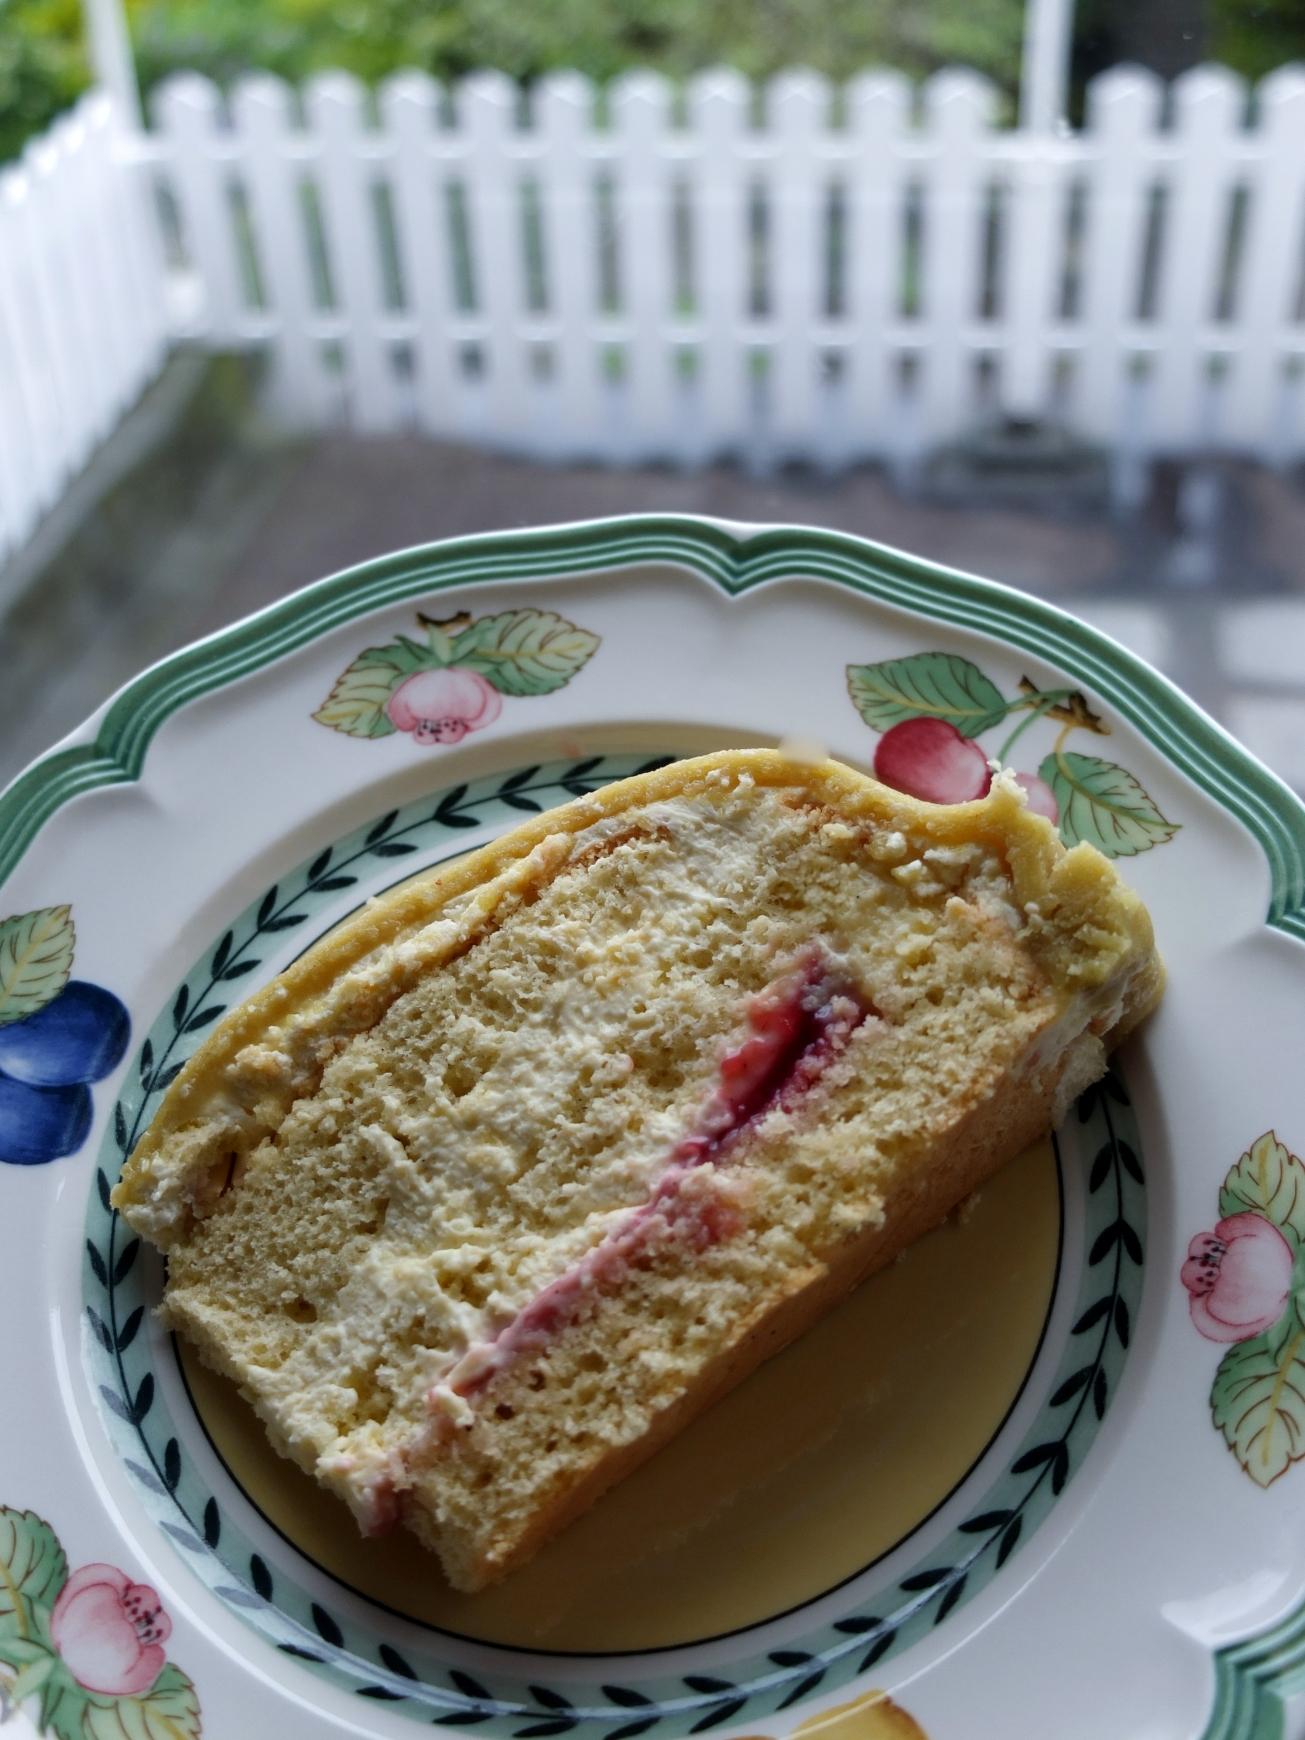 A slice of princess cake